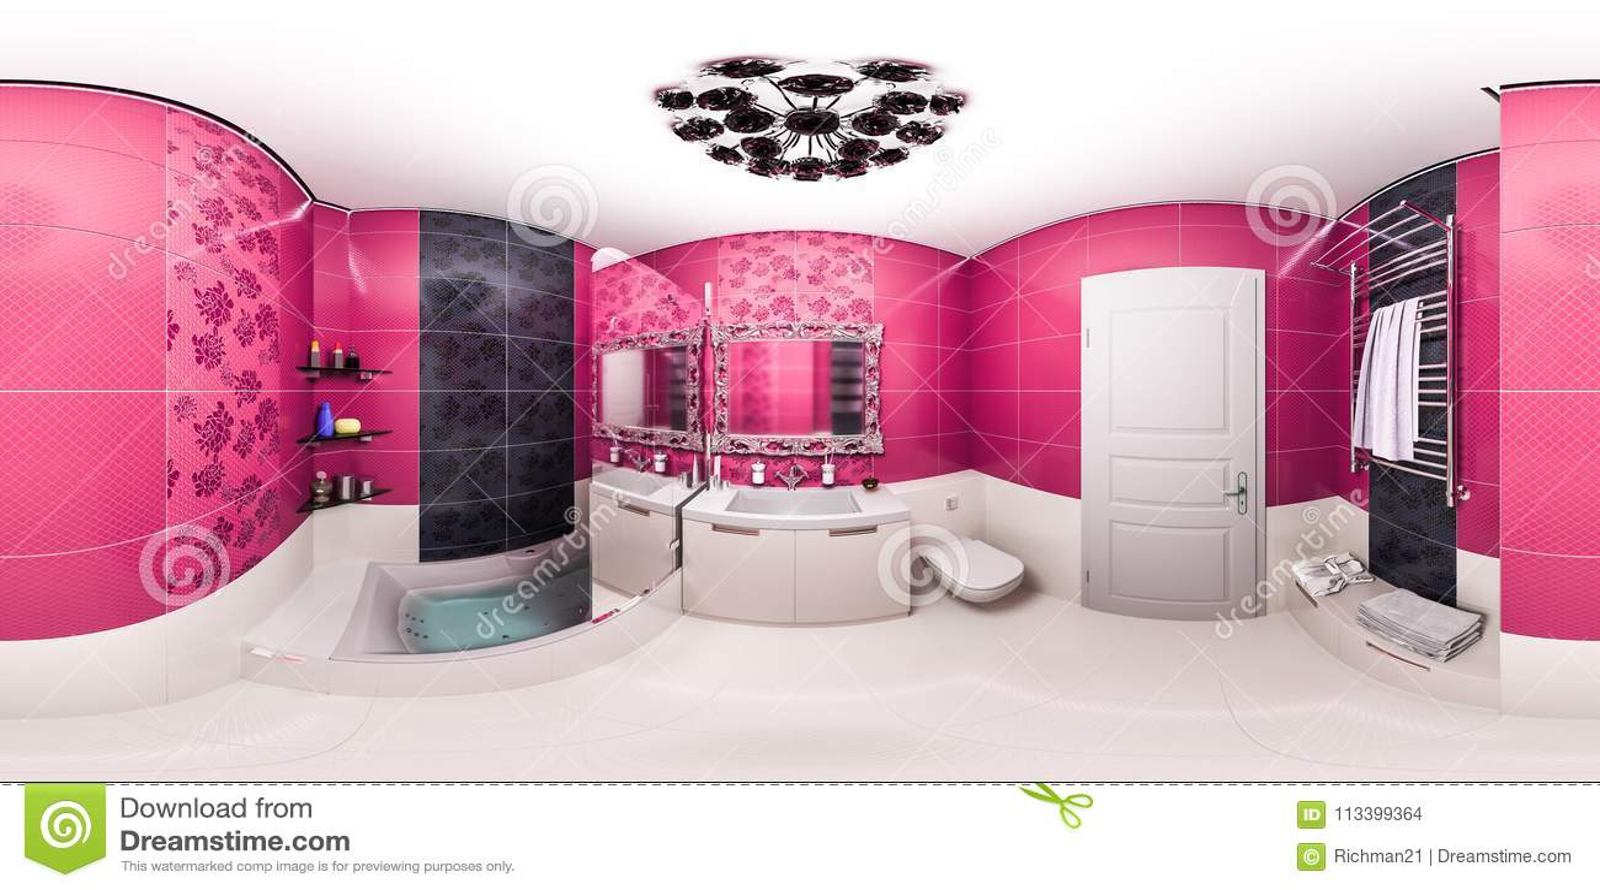 Art Deco Badkamer : D illustratie van een heldere badkamers in een art deco stijlflat